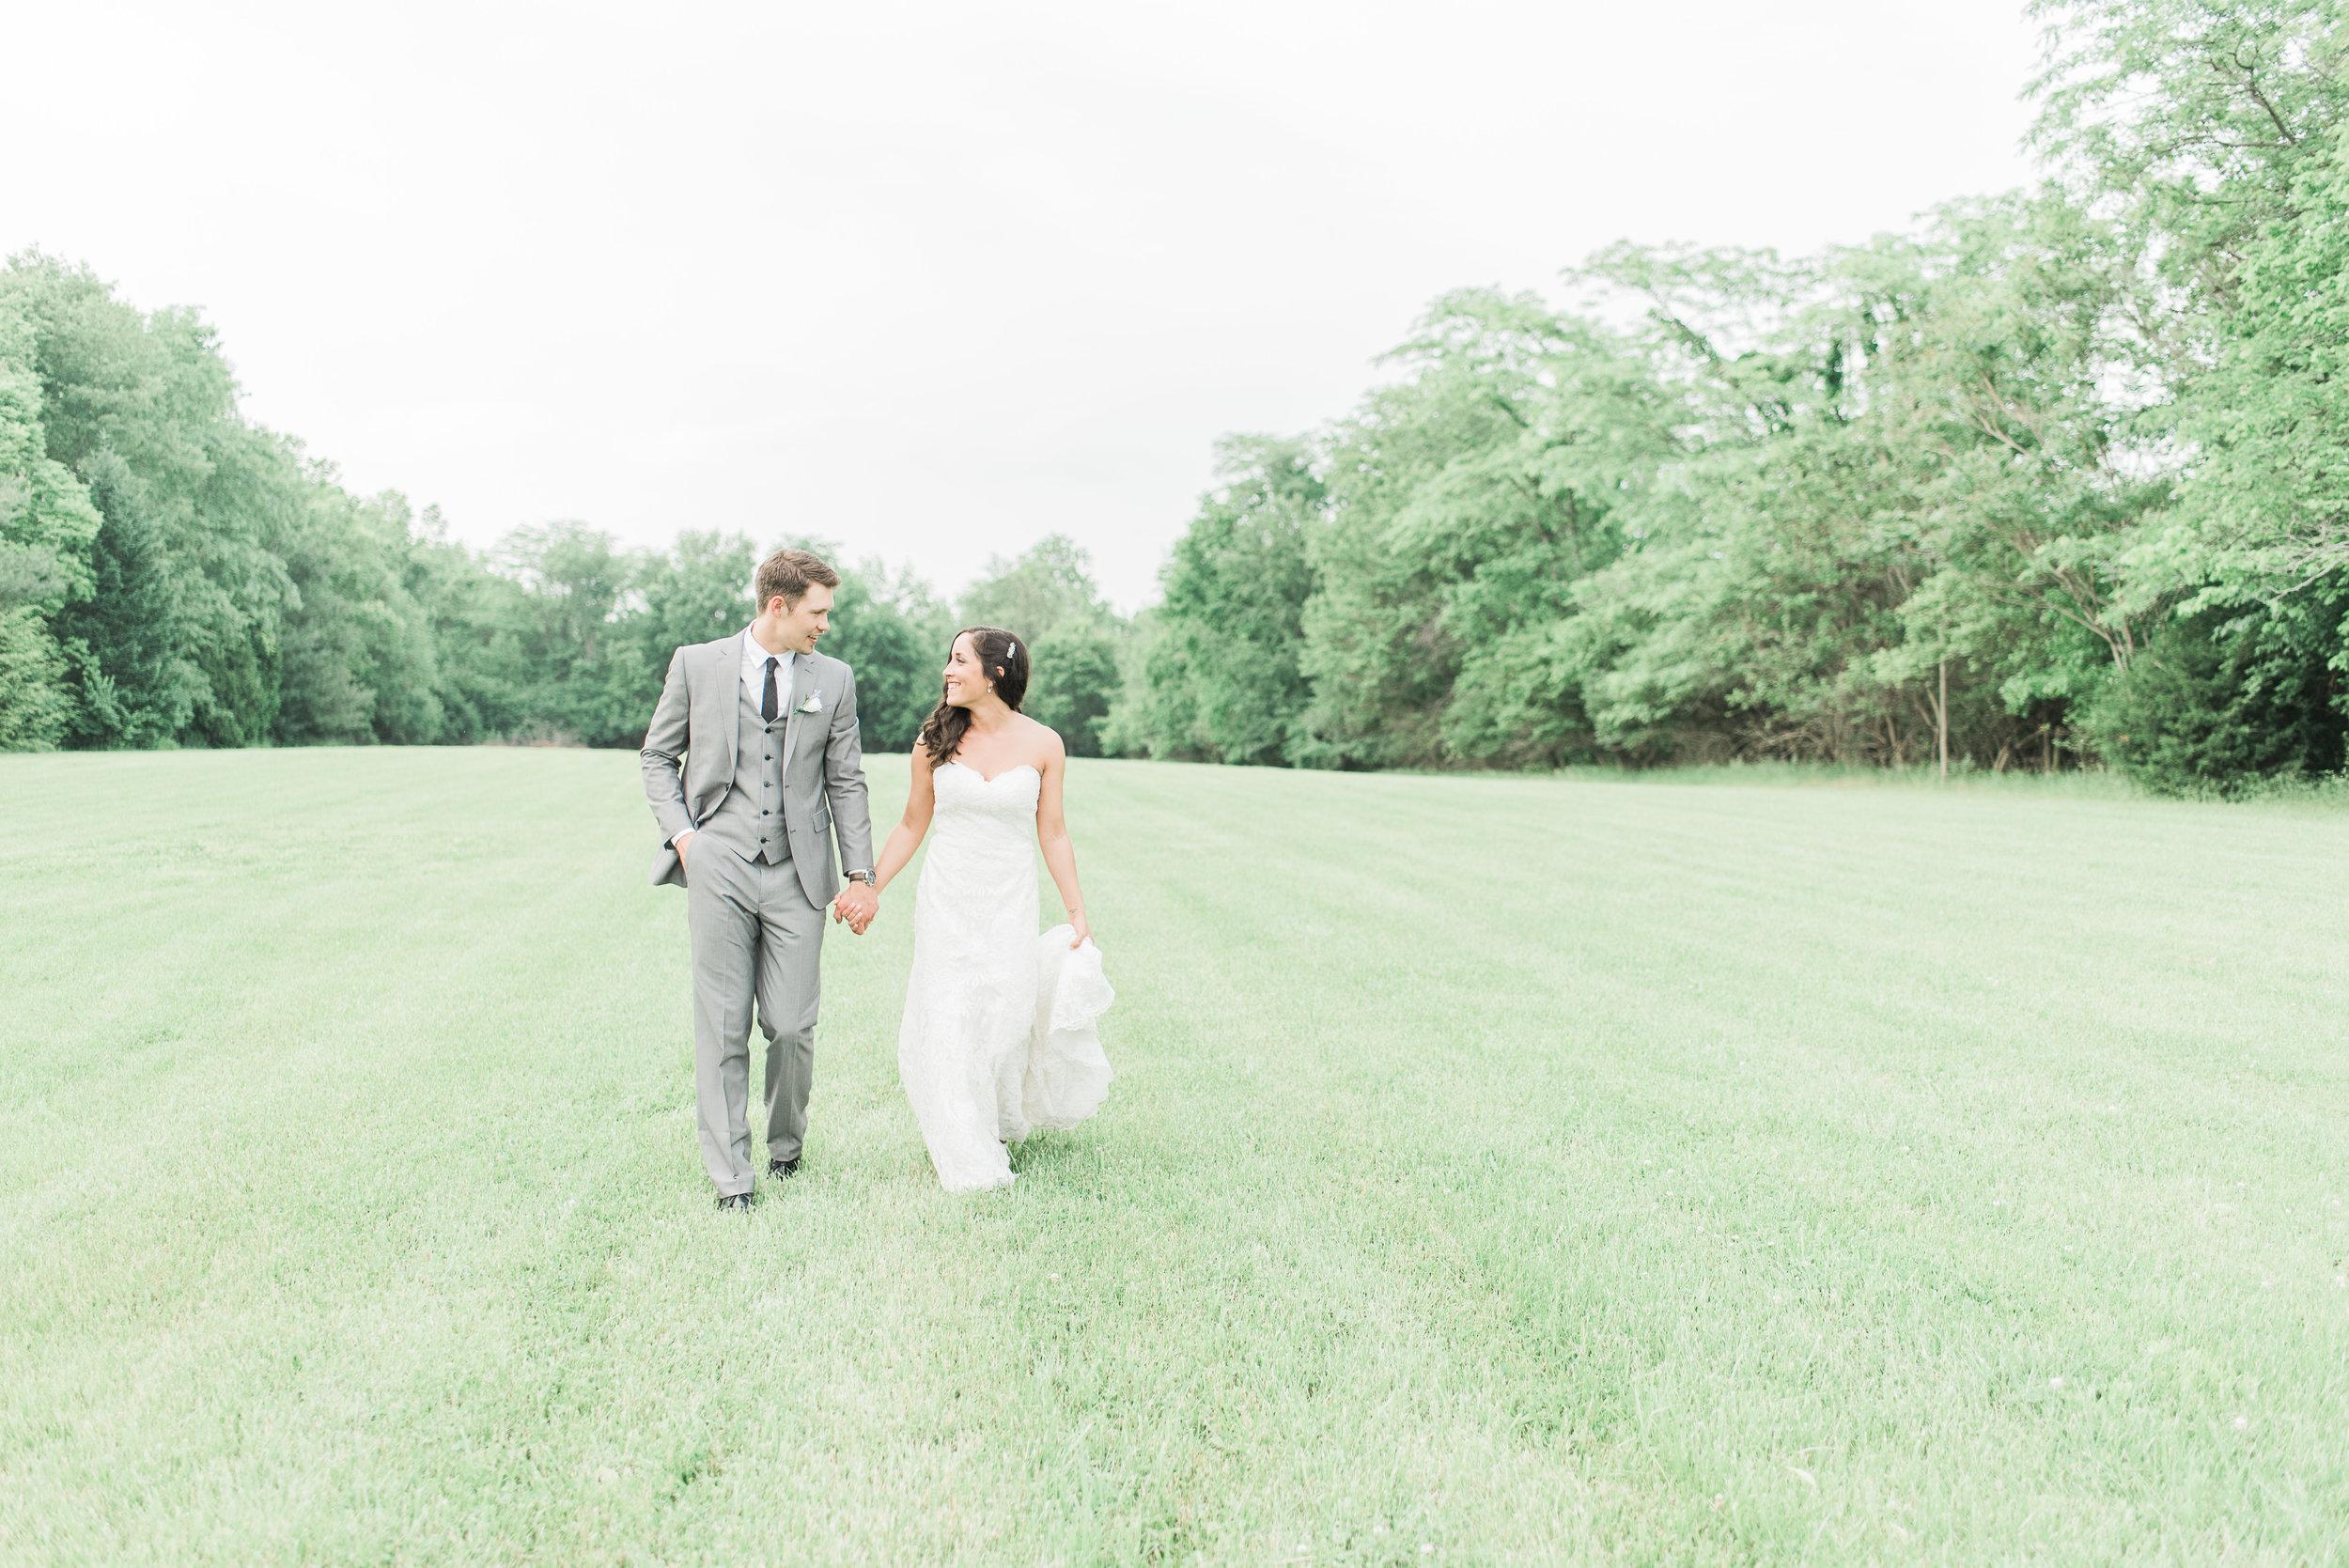 Favorites-2017-05-20 Sarah Marcus Wedding13311-3.jpg